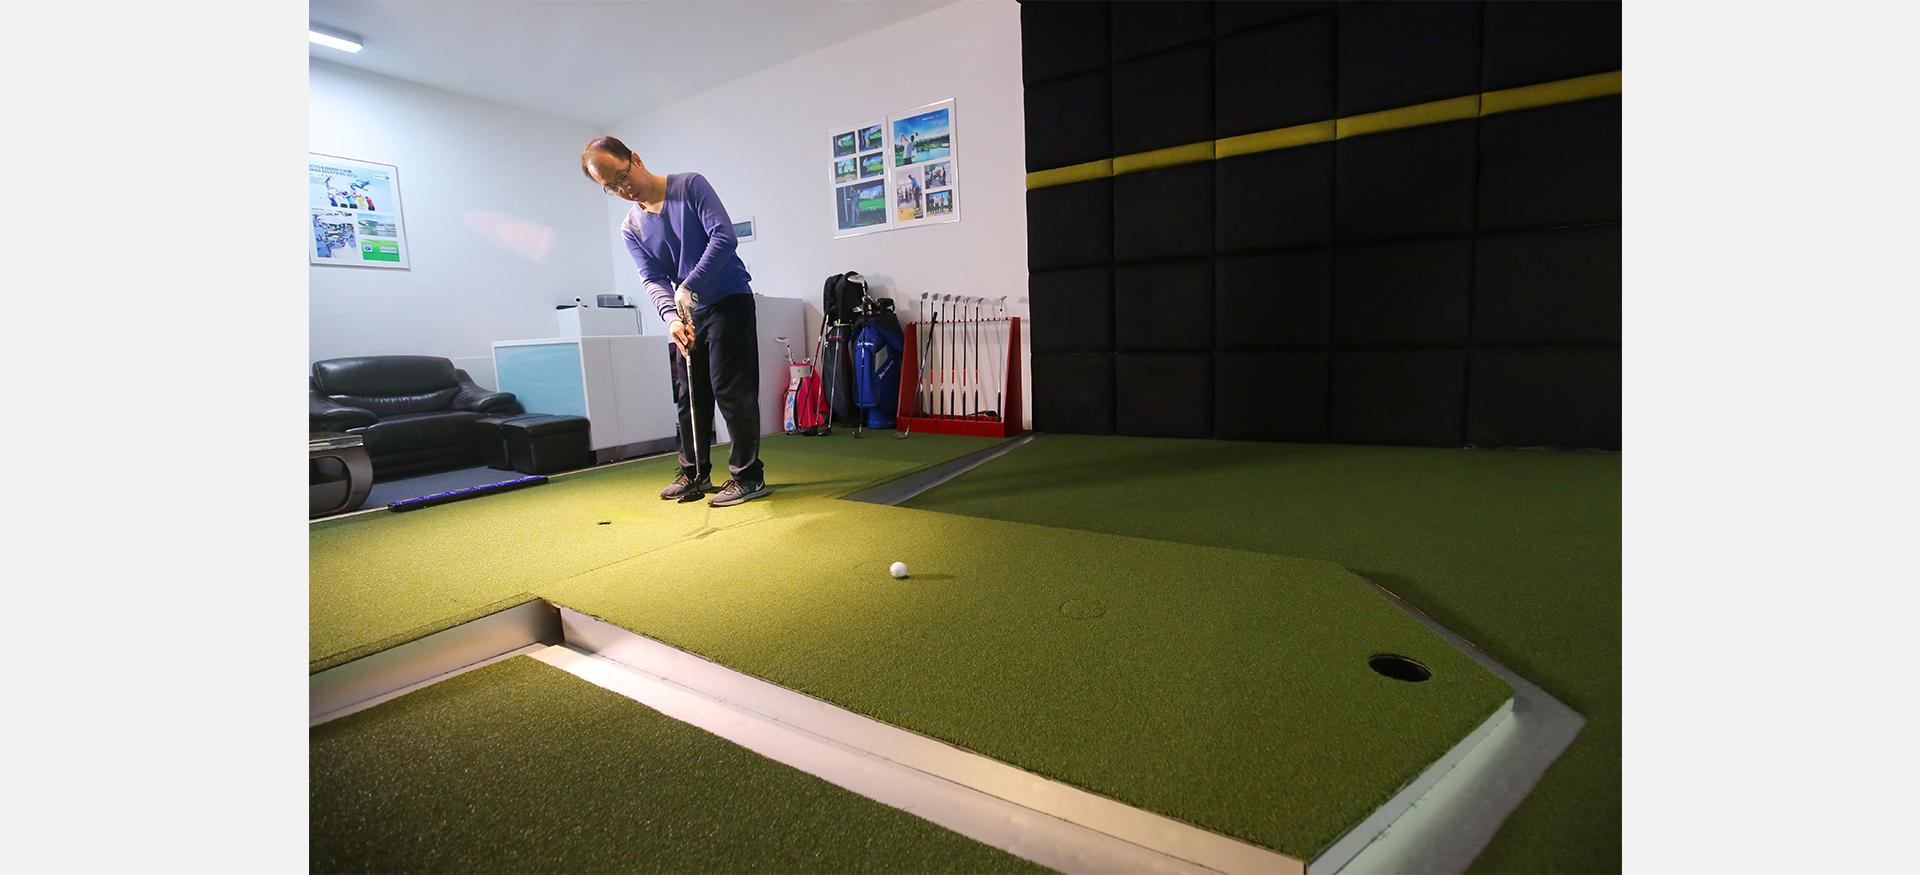 宝安书城室内高尔夫打球.jpg